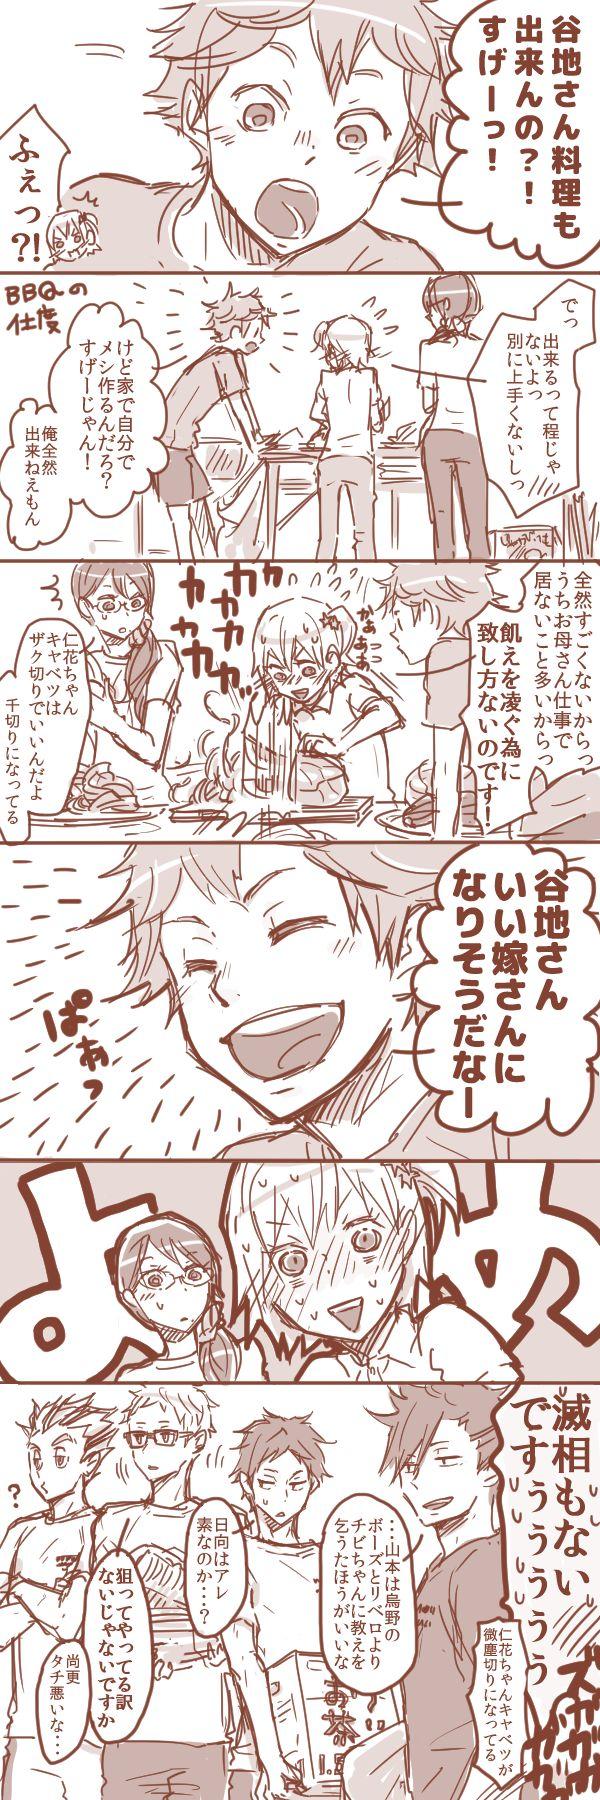 「【ハイキュー】11巻らへん」/「みさき」の漫画 [pixiv]